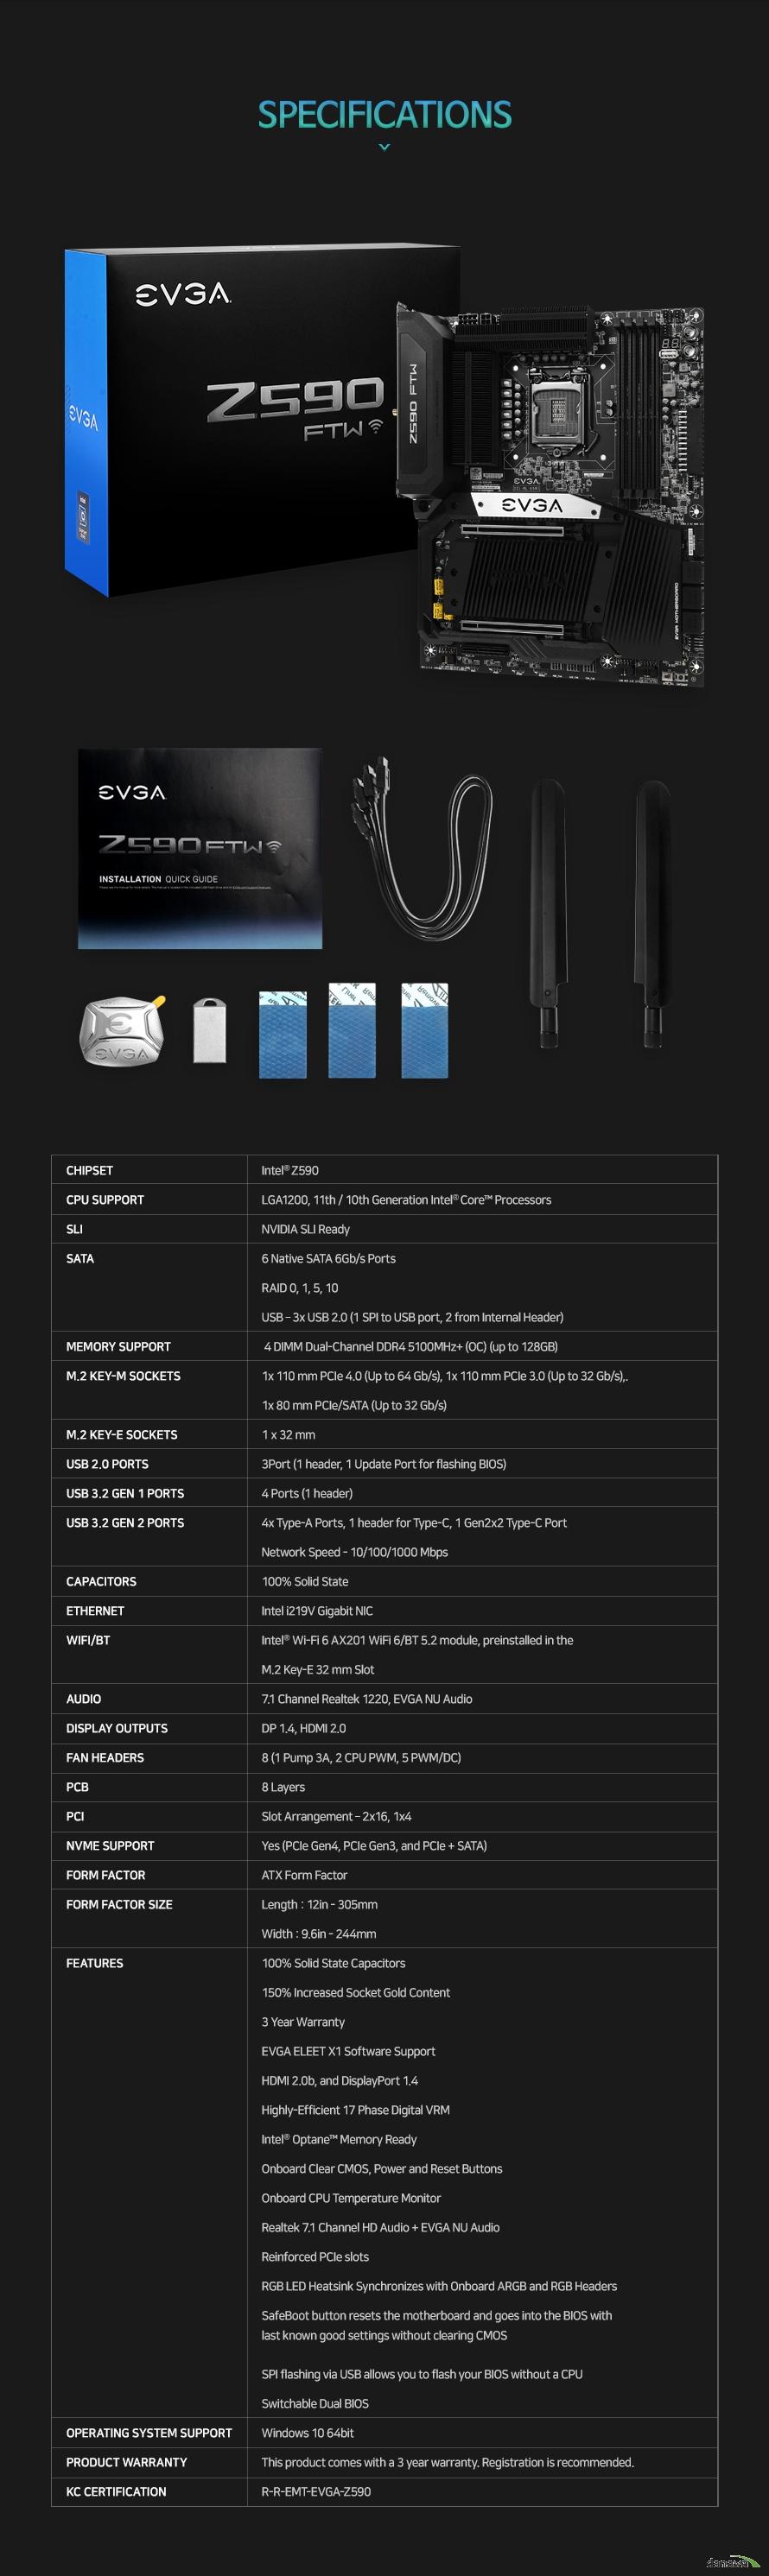 EVGA Z590 FTW WiFi 이엠텍